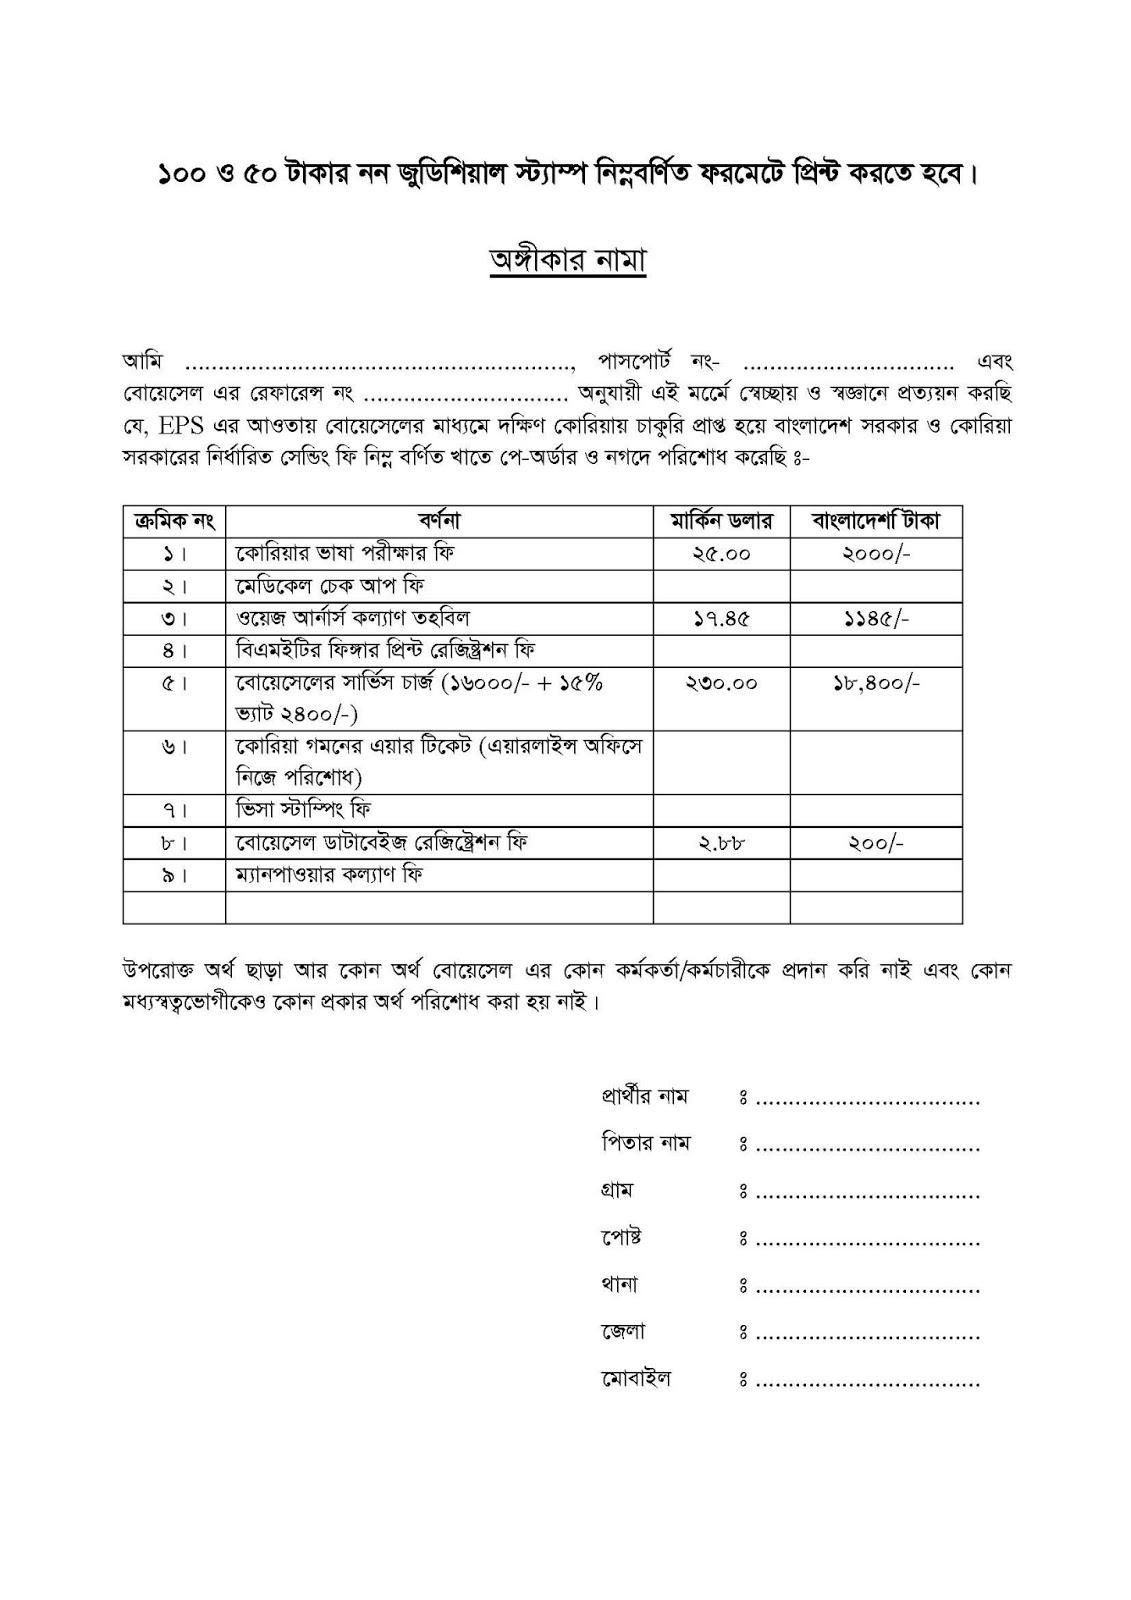 bangladesh visa application form india